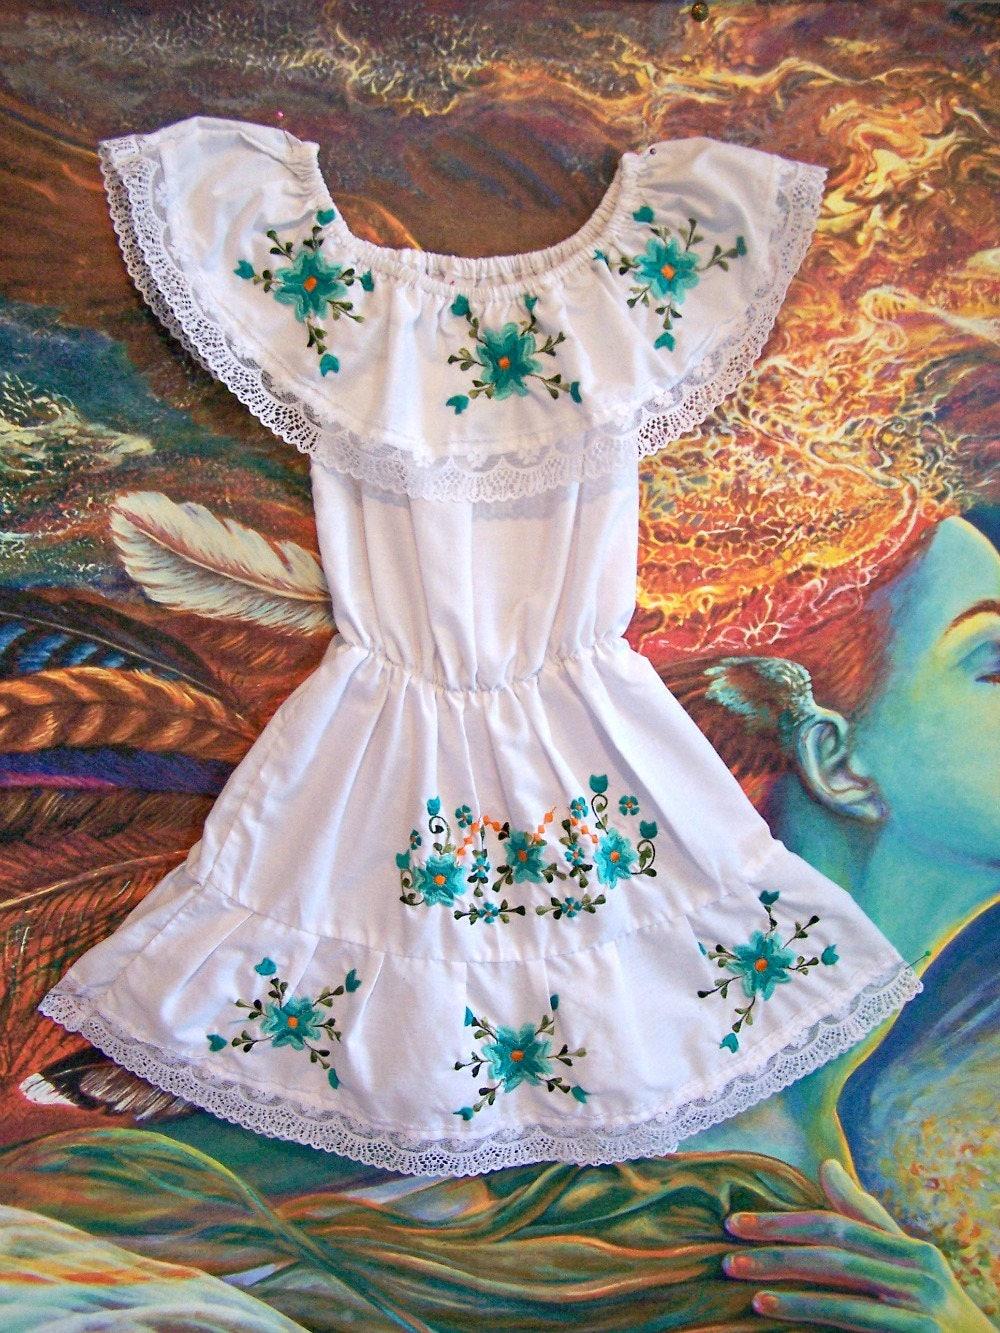 Summer maxi dress boho chic dresses white boho clothing boho clothing mexican  embroidered dress KK1090